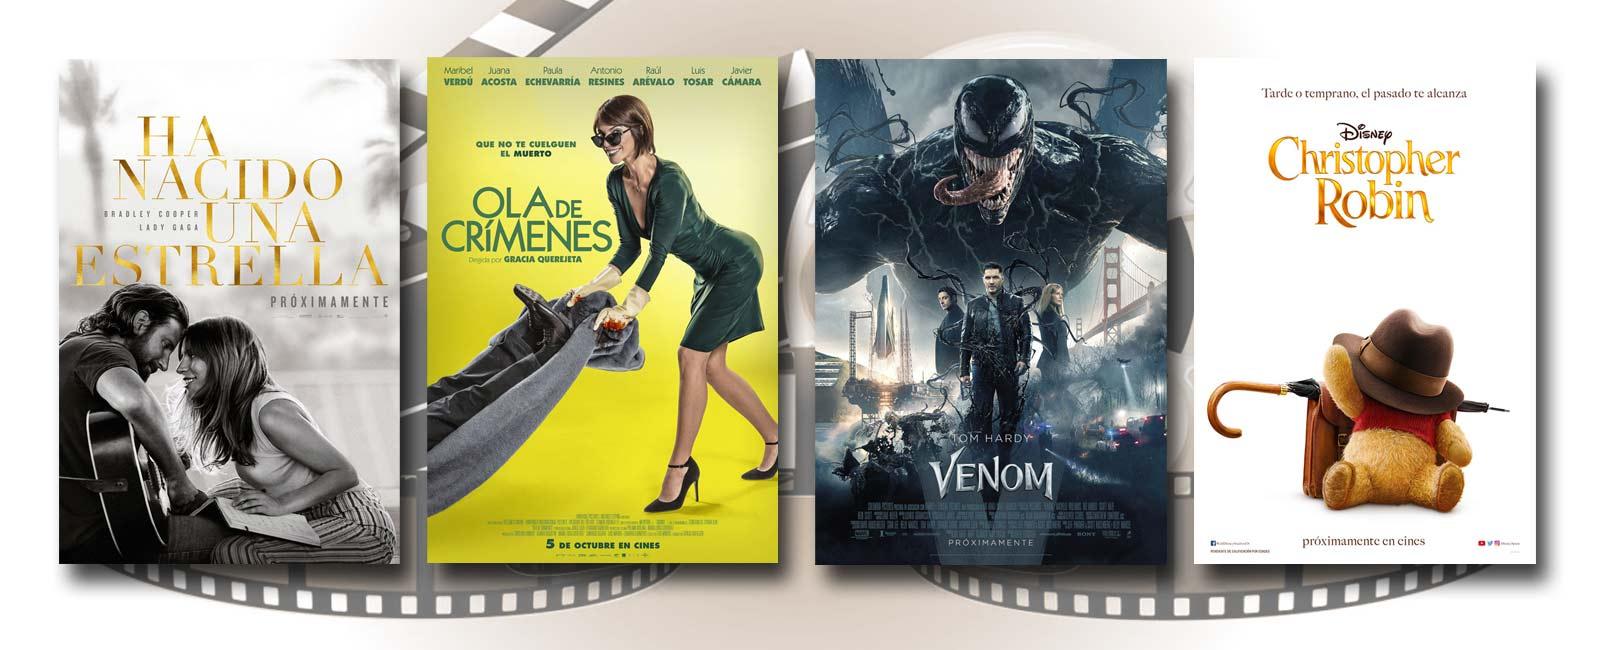 Estrenos de Cine de la Semana… 5 de Octubre 2018